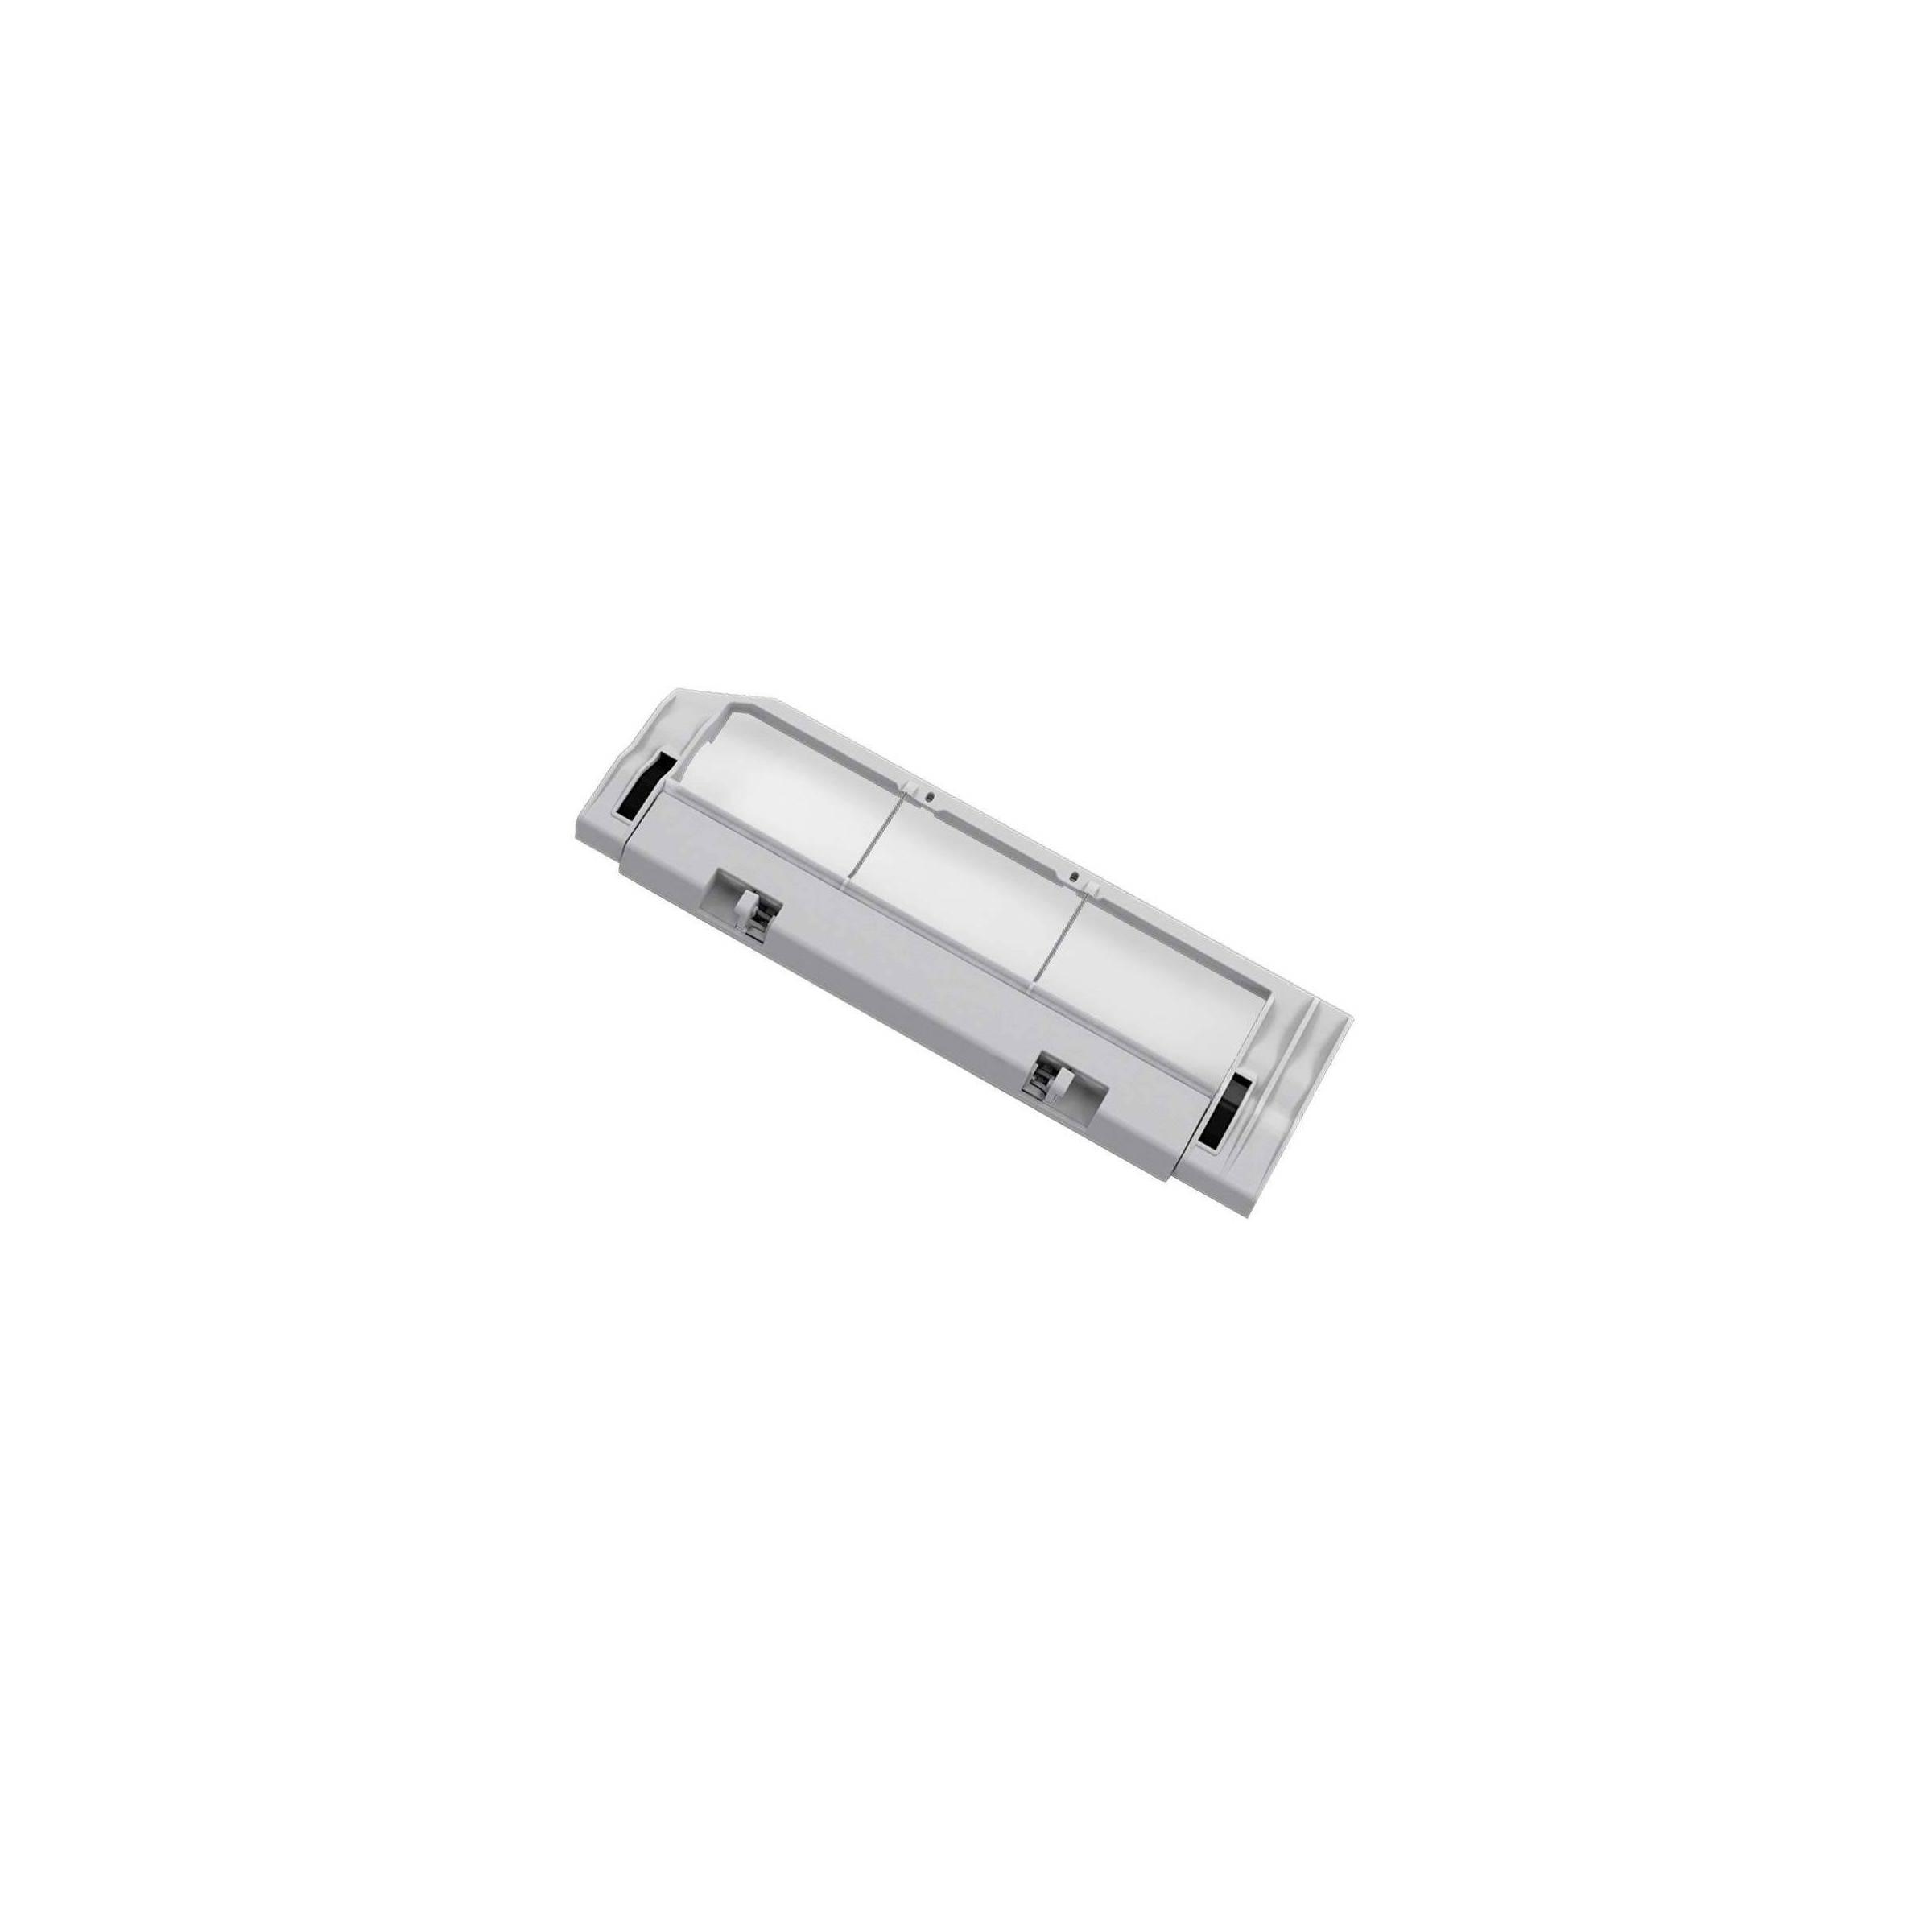 kina oem Plastikdæksel til hovedbørsten til xiaomi roborock s5, s55 på mackabler.dk